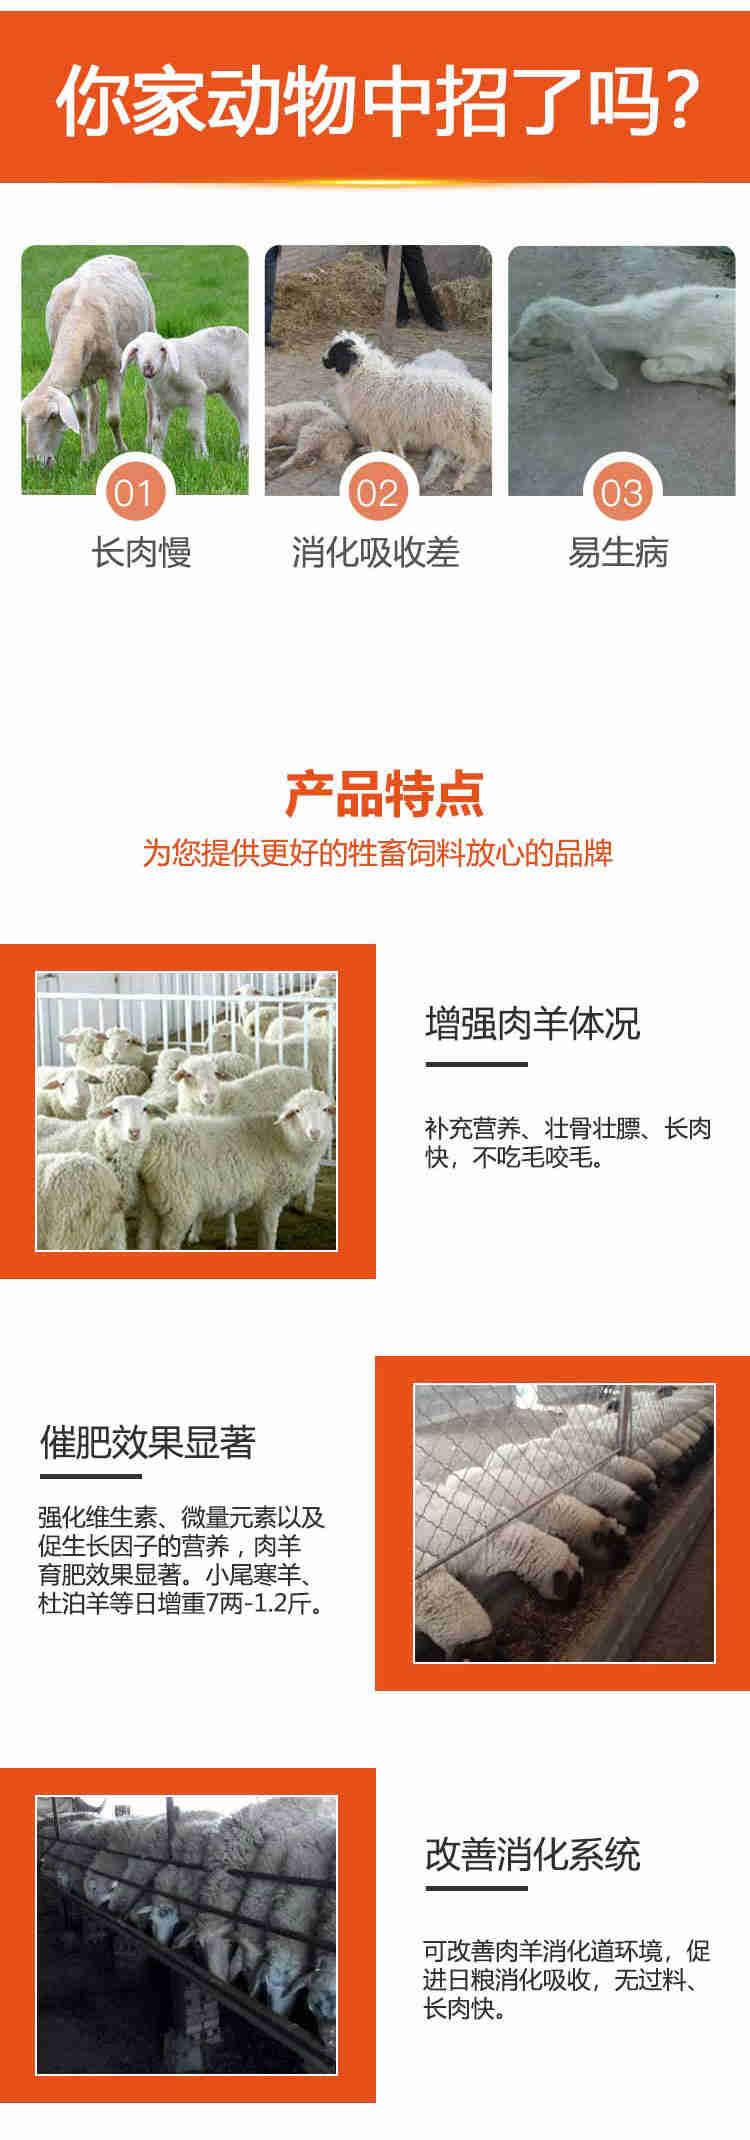 内蒙古包头育肥羊60天出栏技术-羊饲料里可以加豆油吗